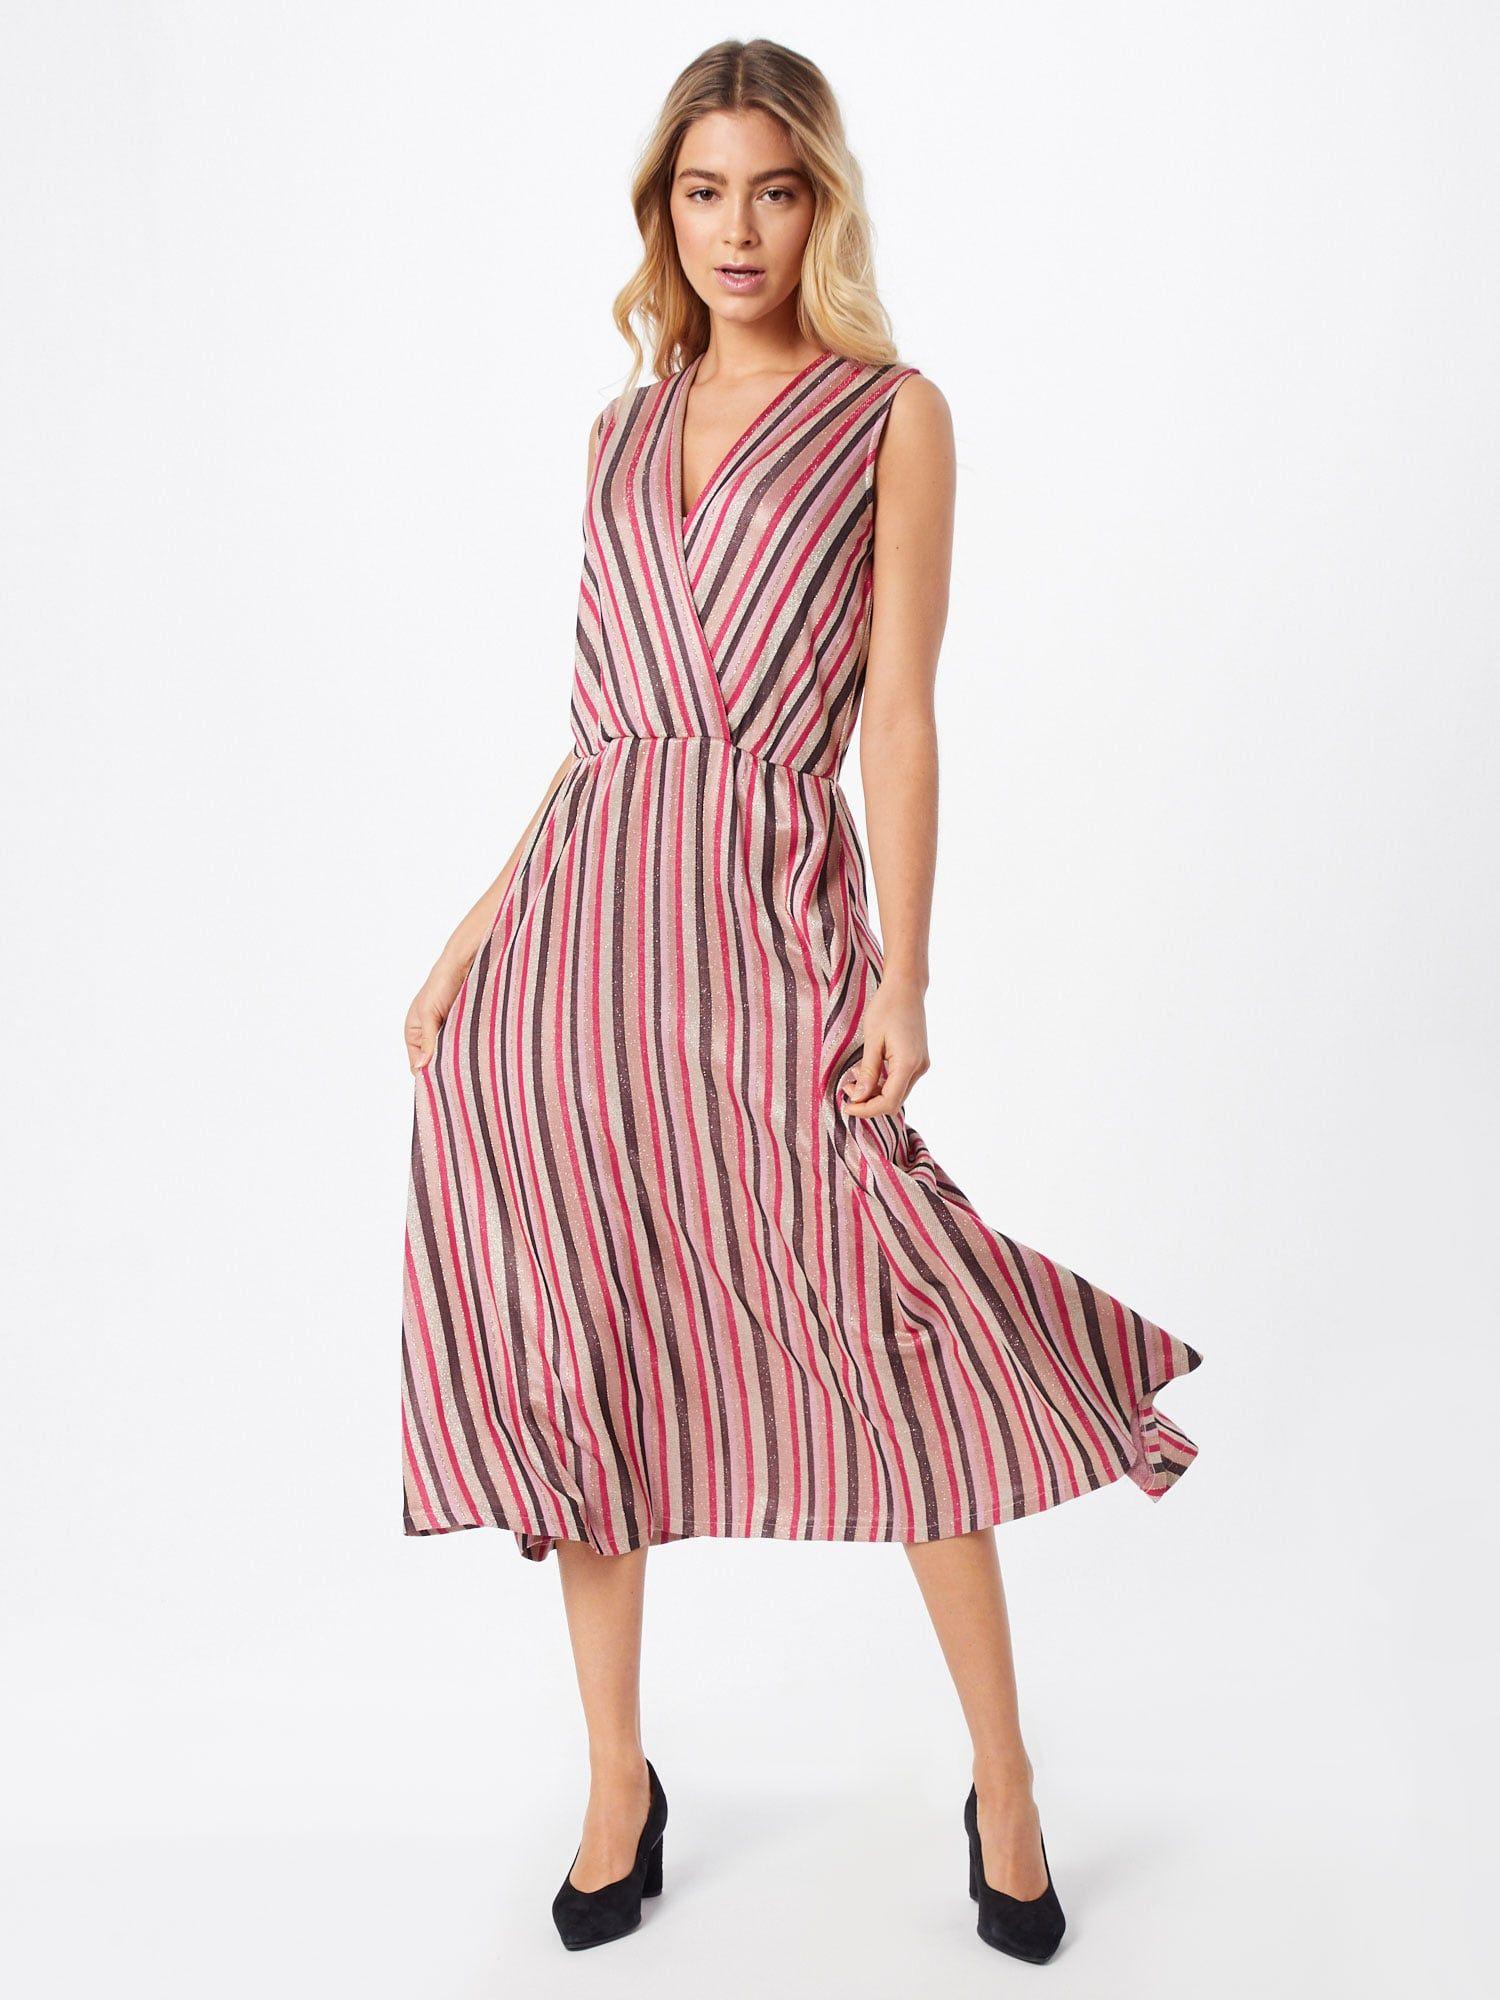 iblues kleid 'pacchia' damen, rosa, größe 36 | kleider